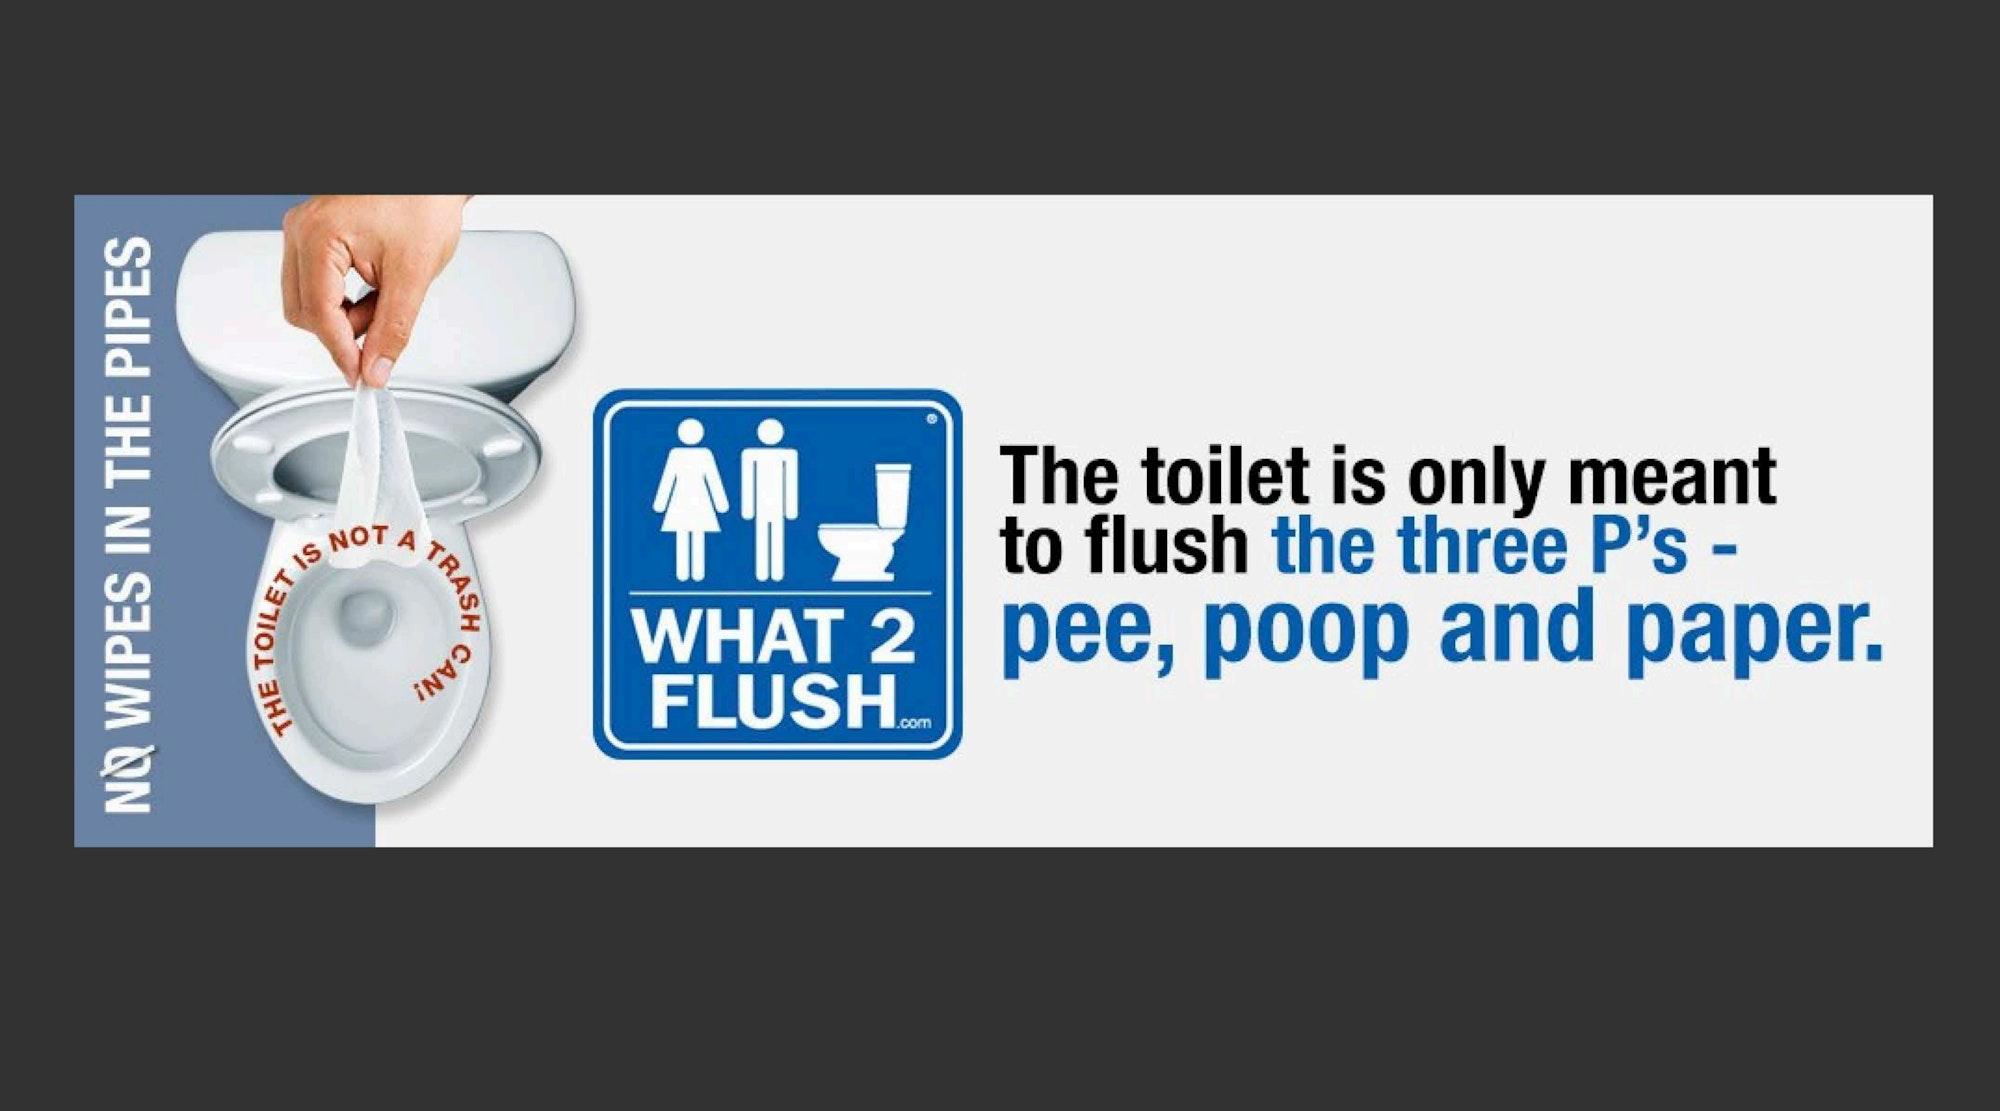 The 3 Ps: Pee, Poop, Paper